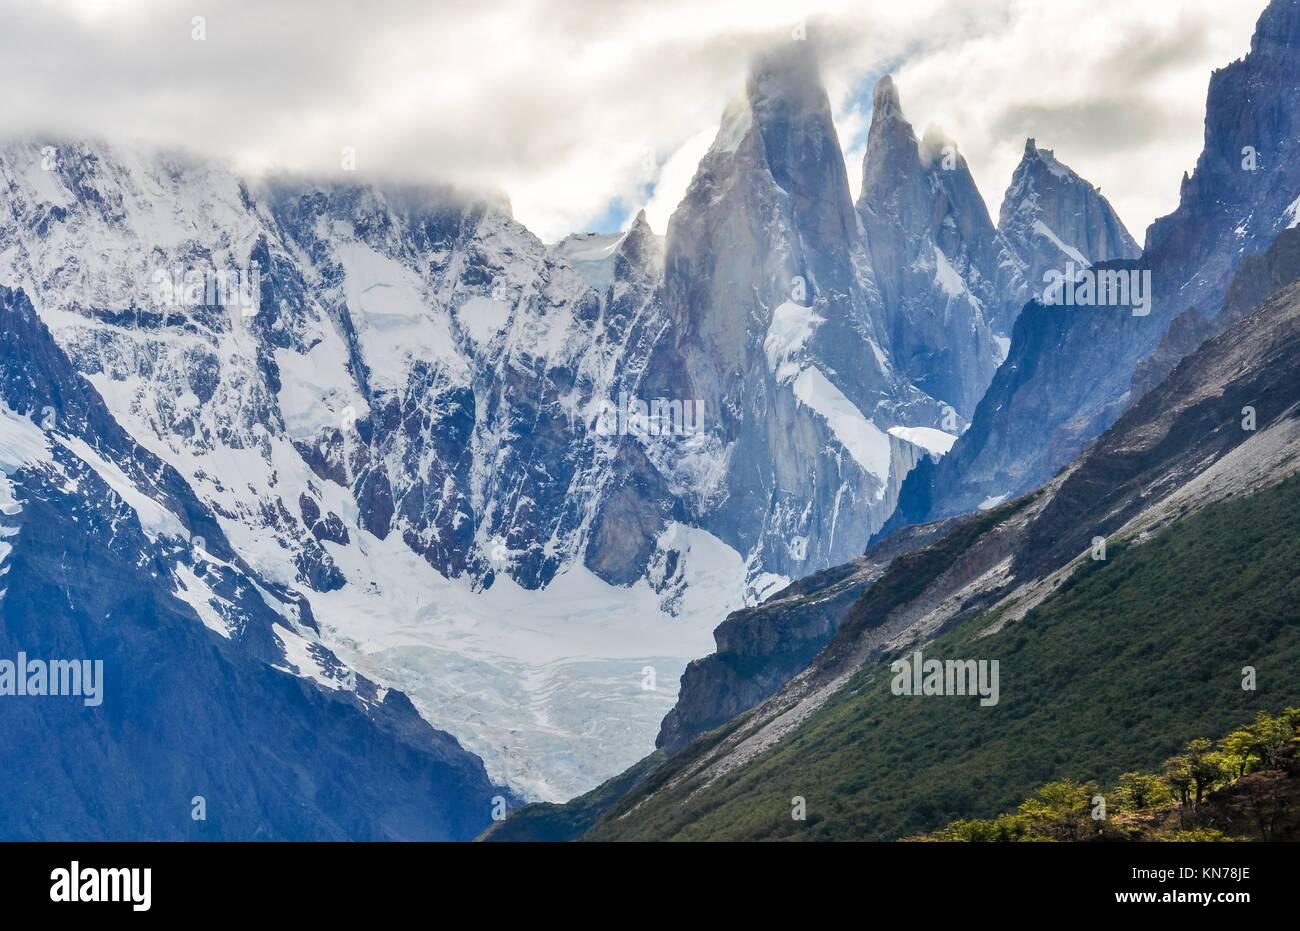 La vista de los picos, Cerro Torre Walk, El Chaltén, Patagonia, Argentina. Imagen De Stock